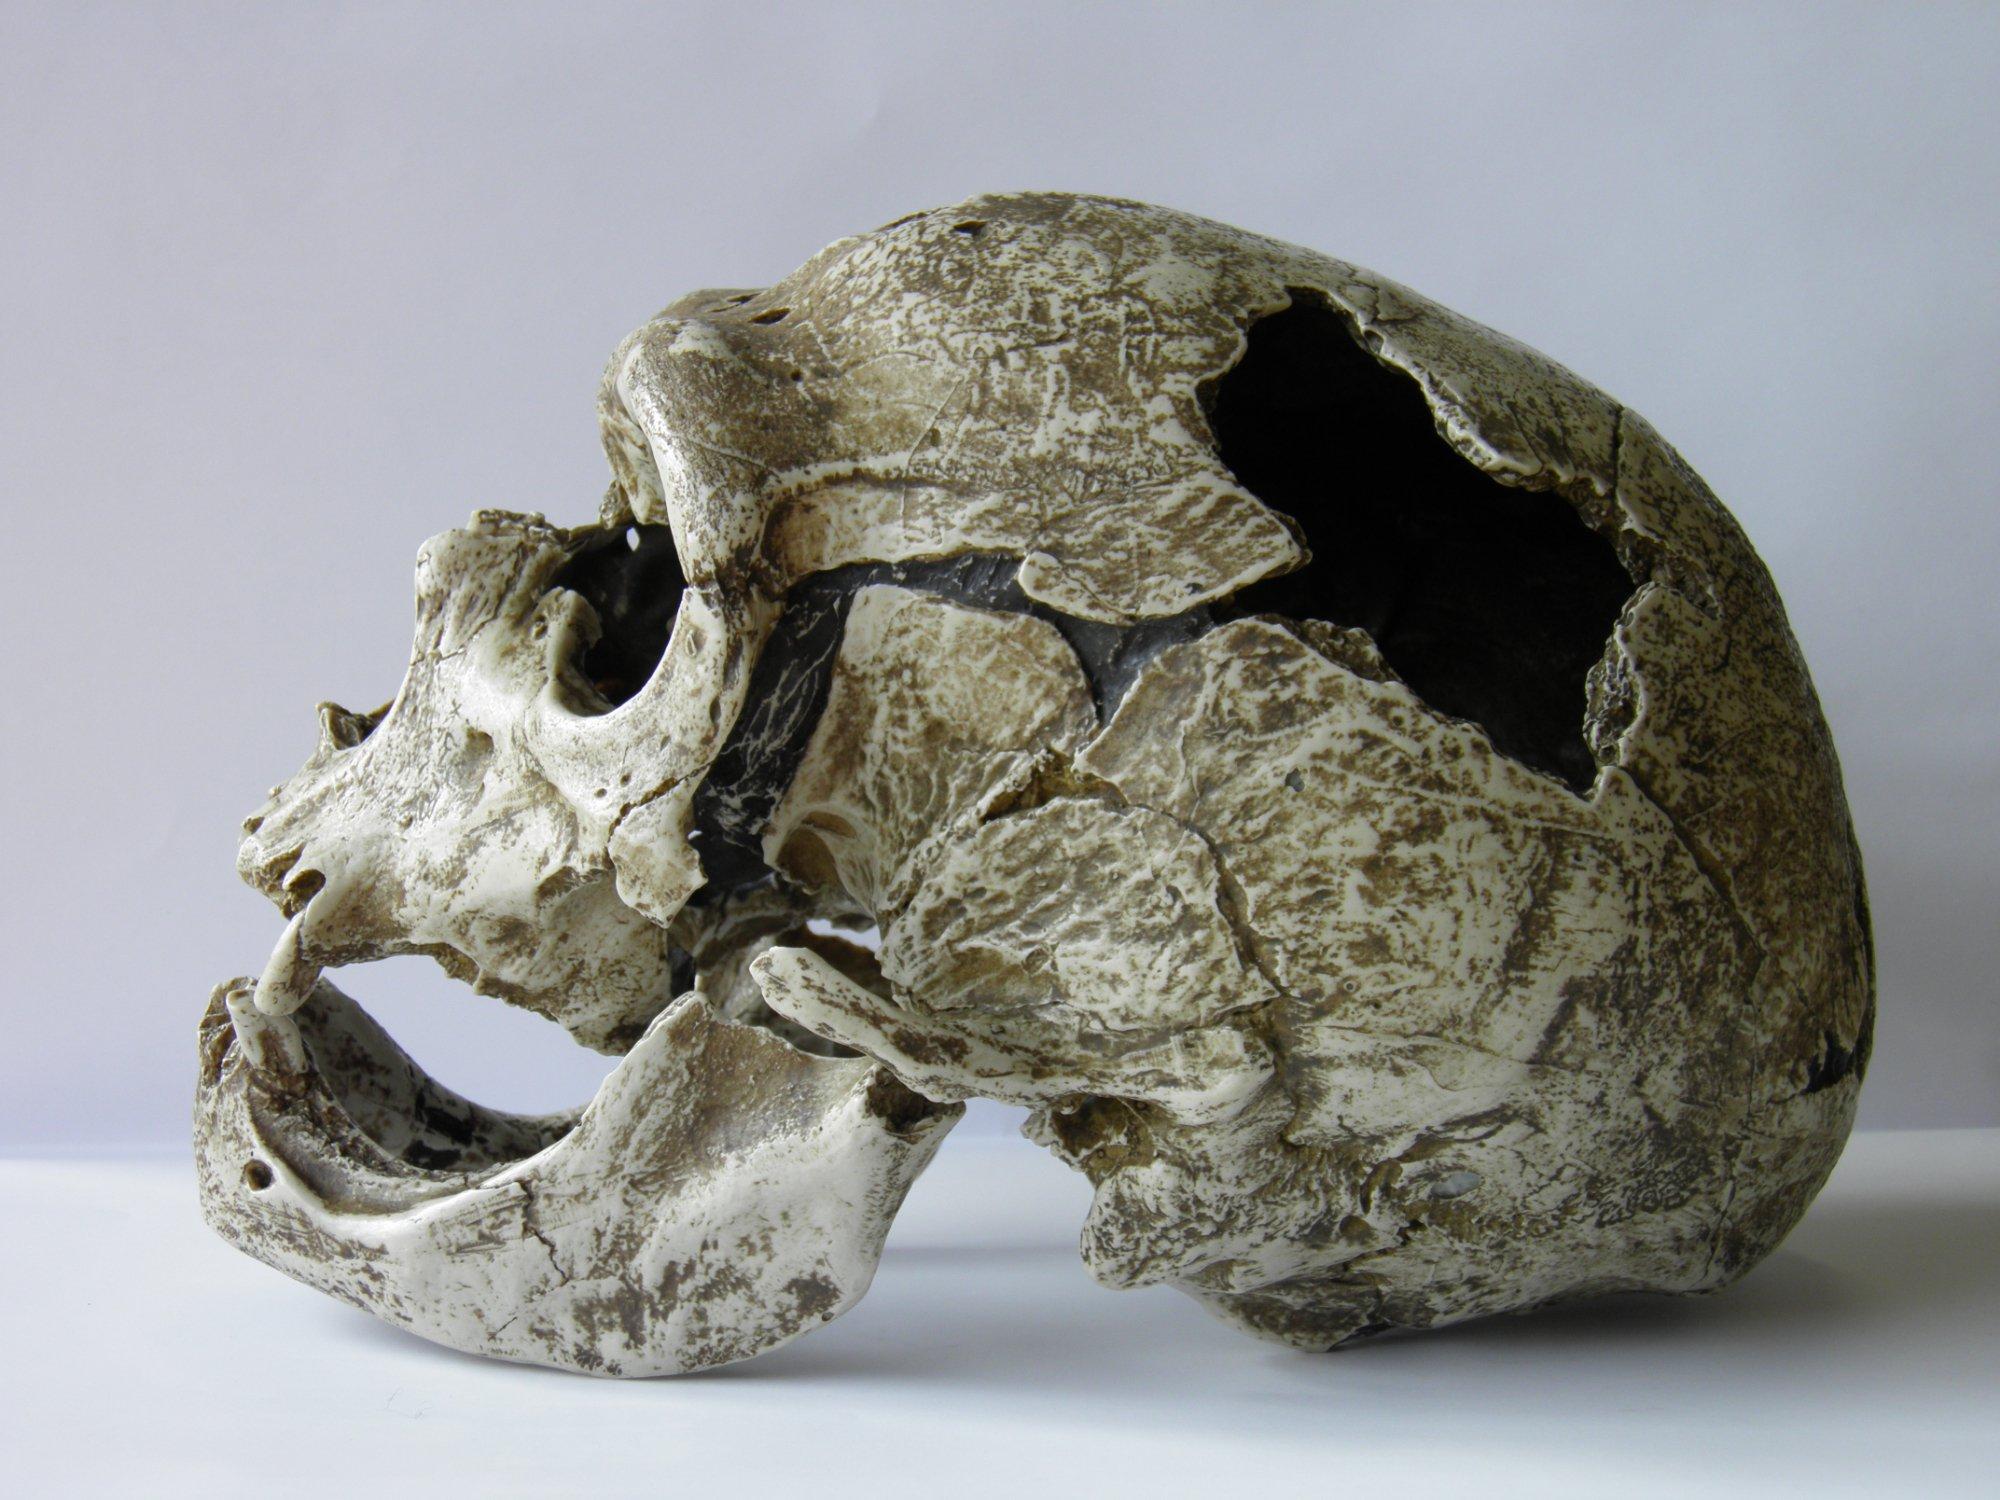 2025-musee-homme-de-neandertal-la-chapelle-aux-saints-correze.jpg